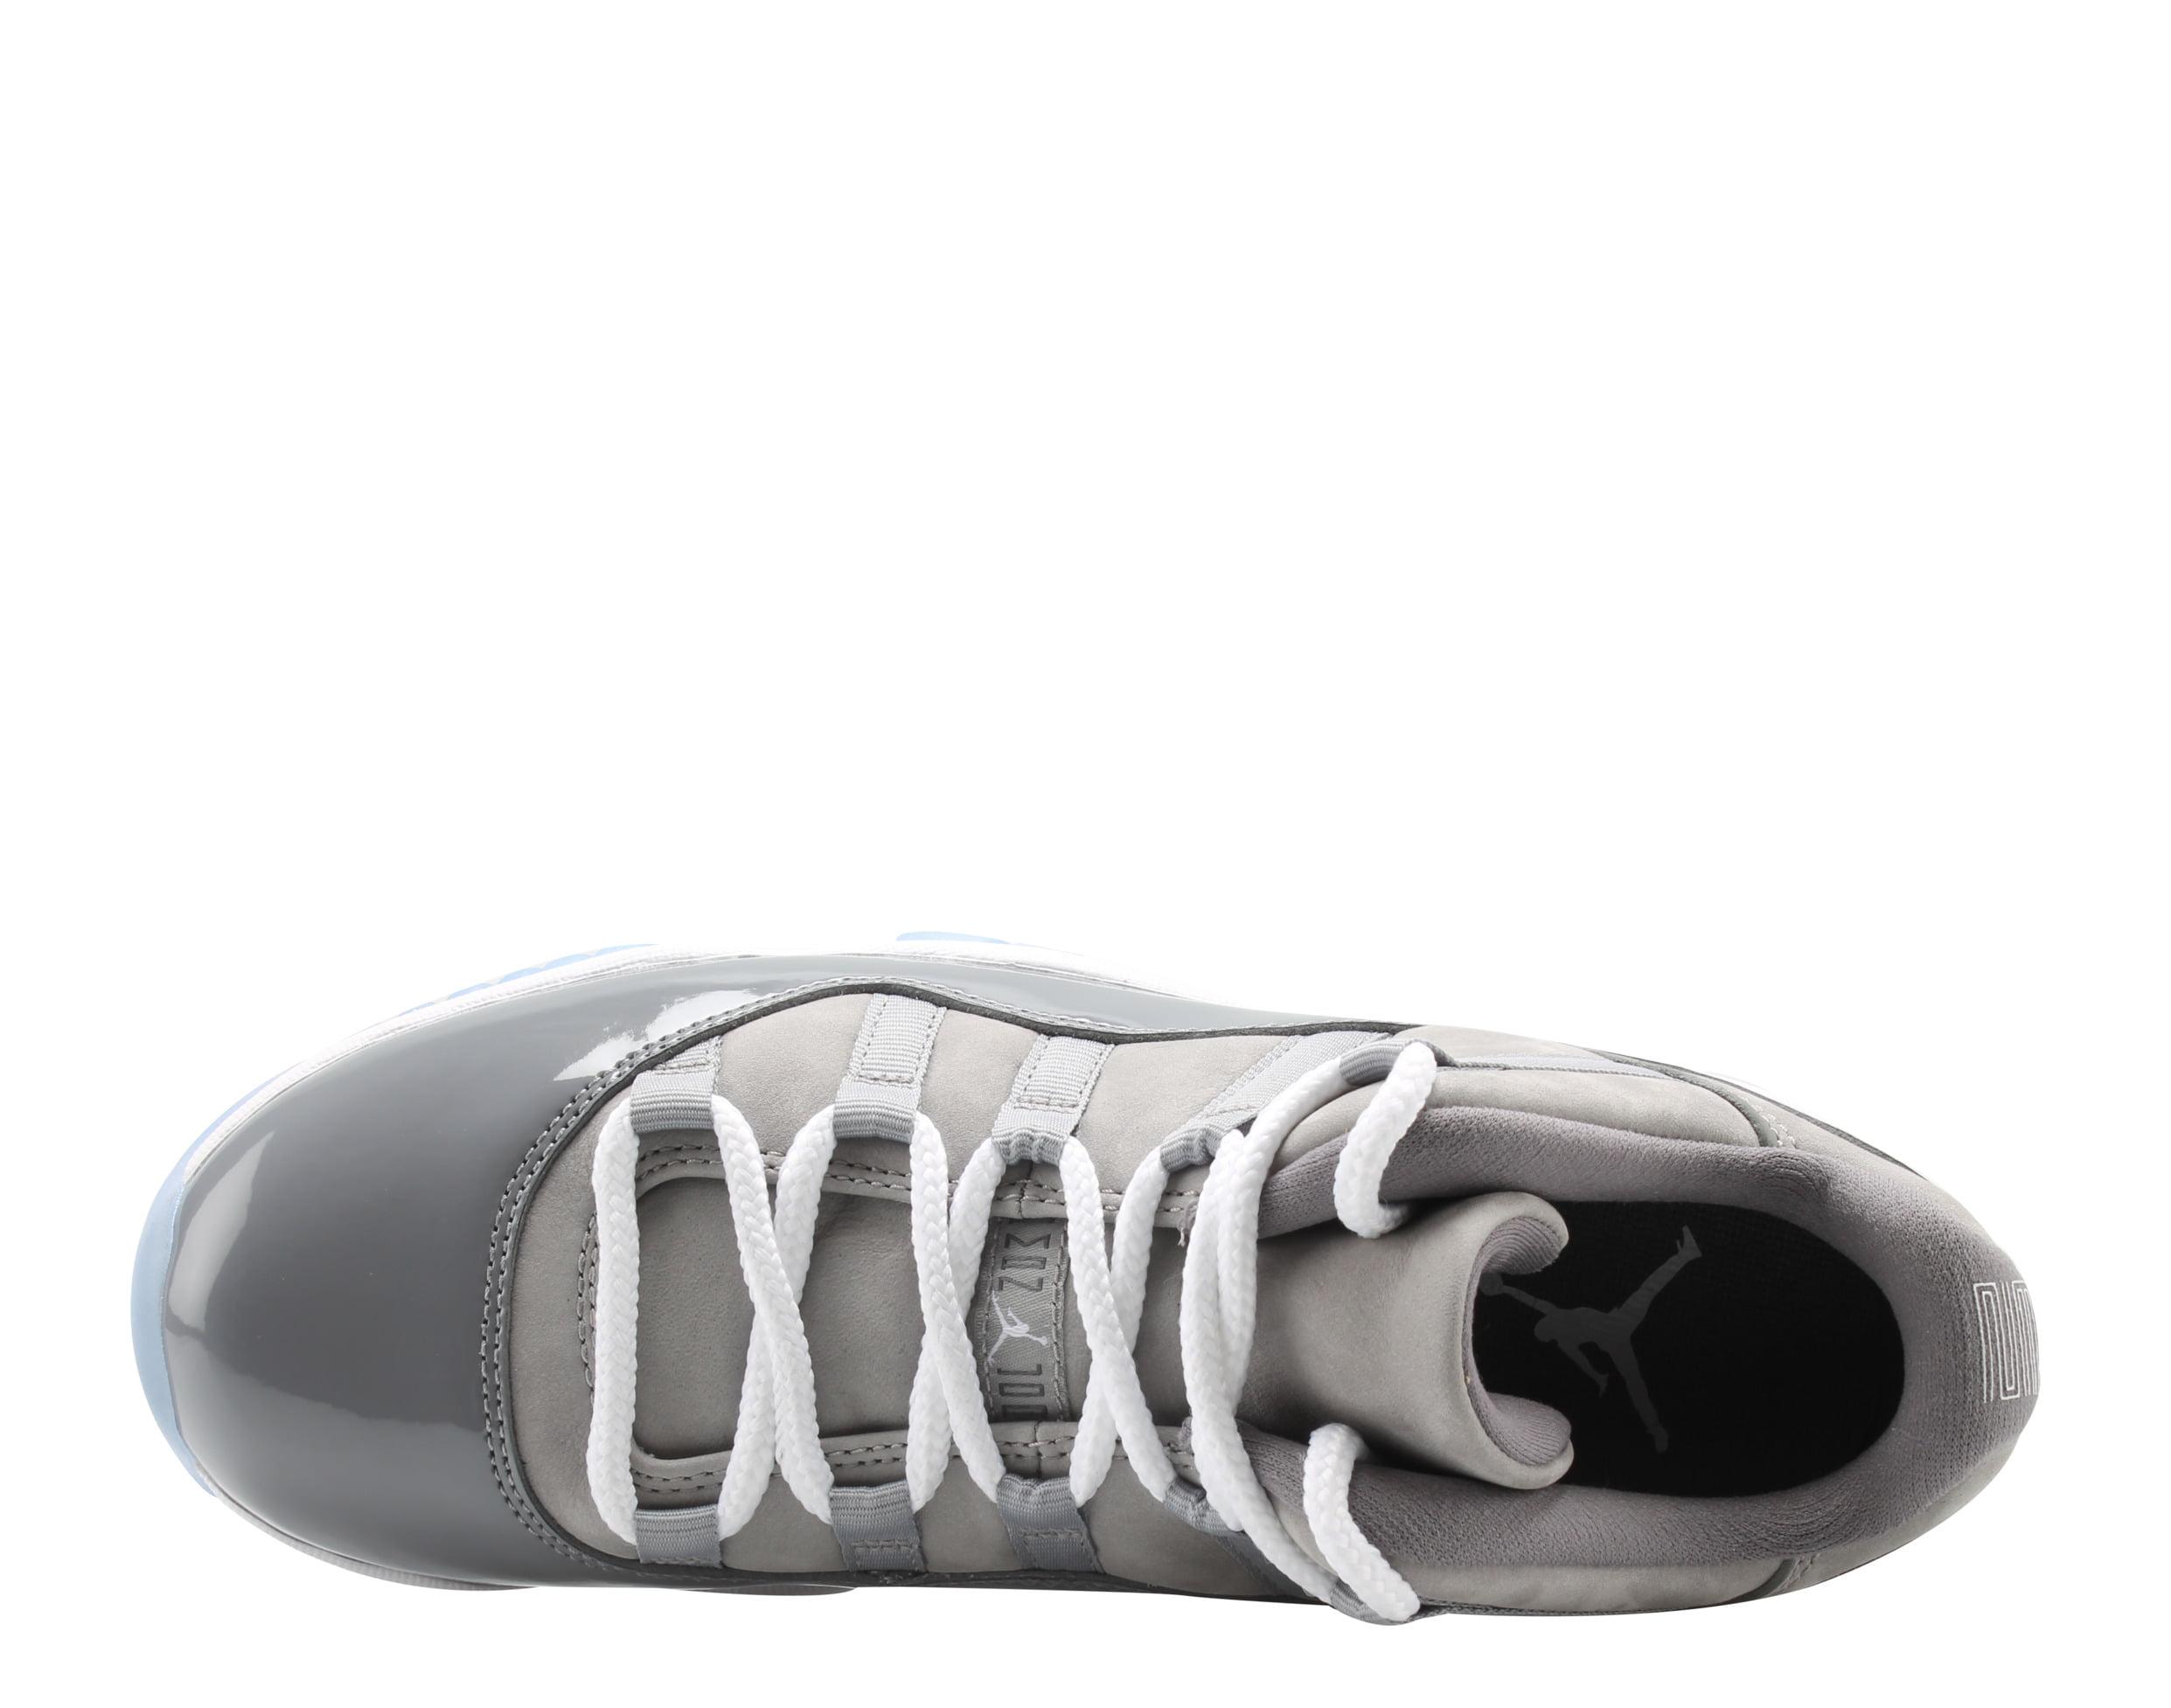 Nike Air Jordan 11 Retro Low Cool Grey Men's Basketball Shoes 528895-003